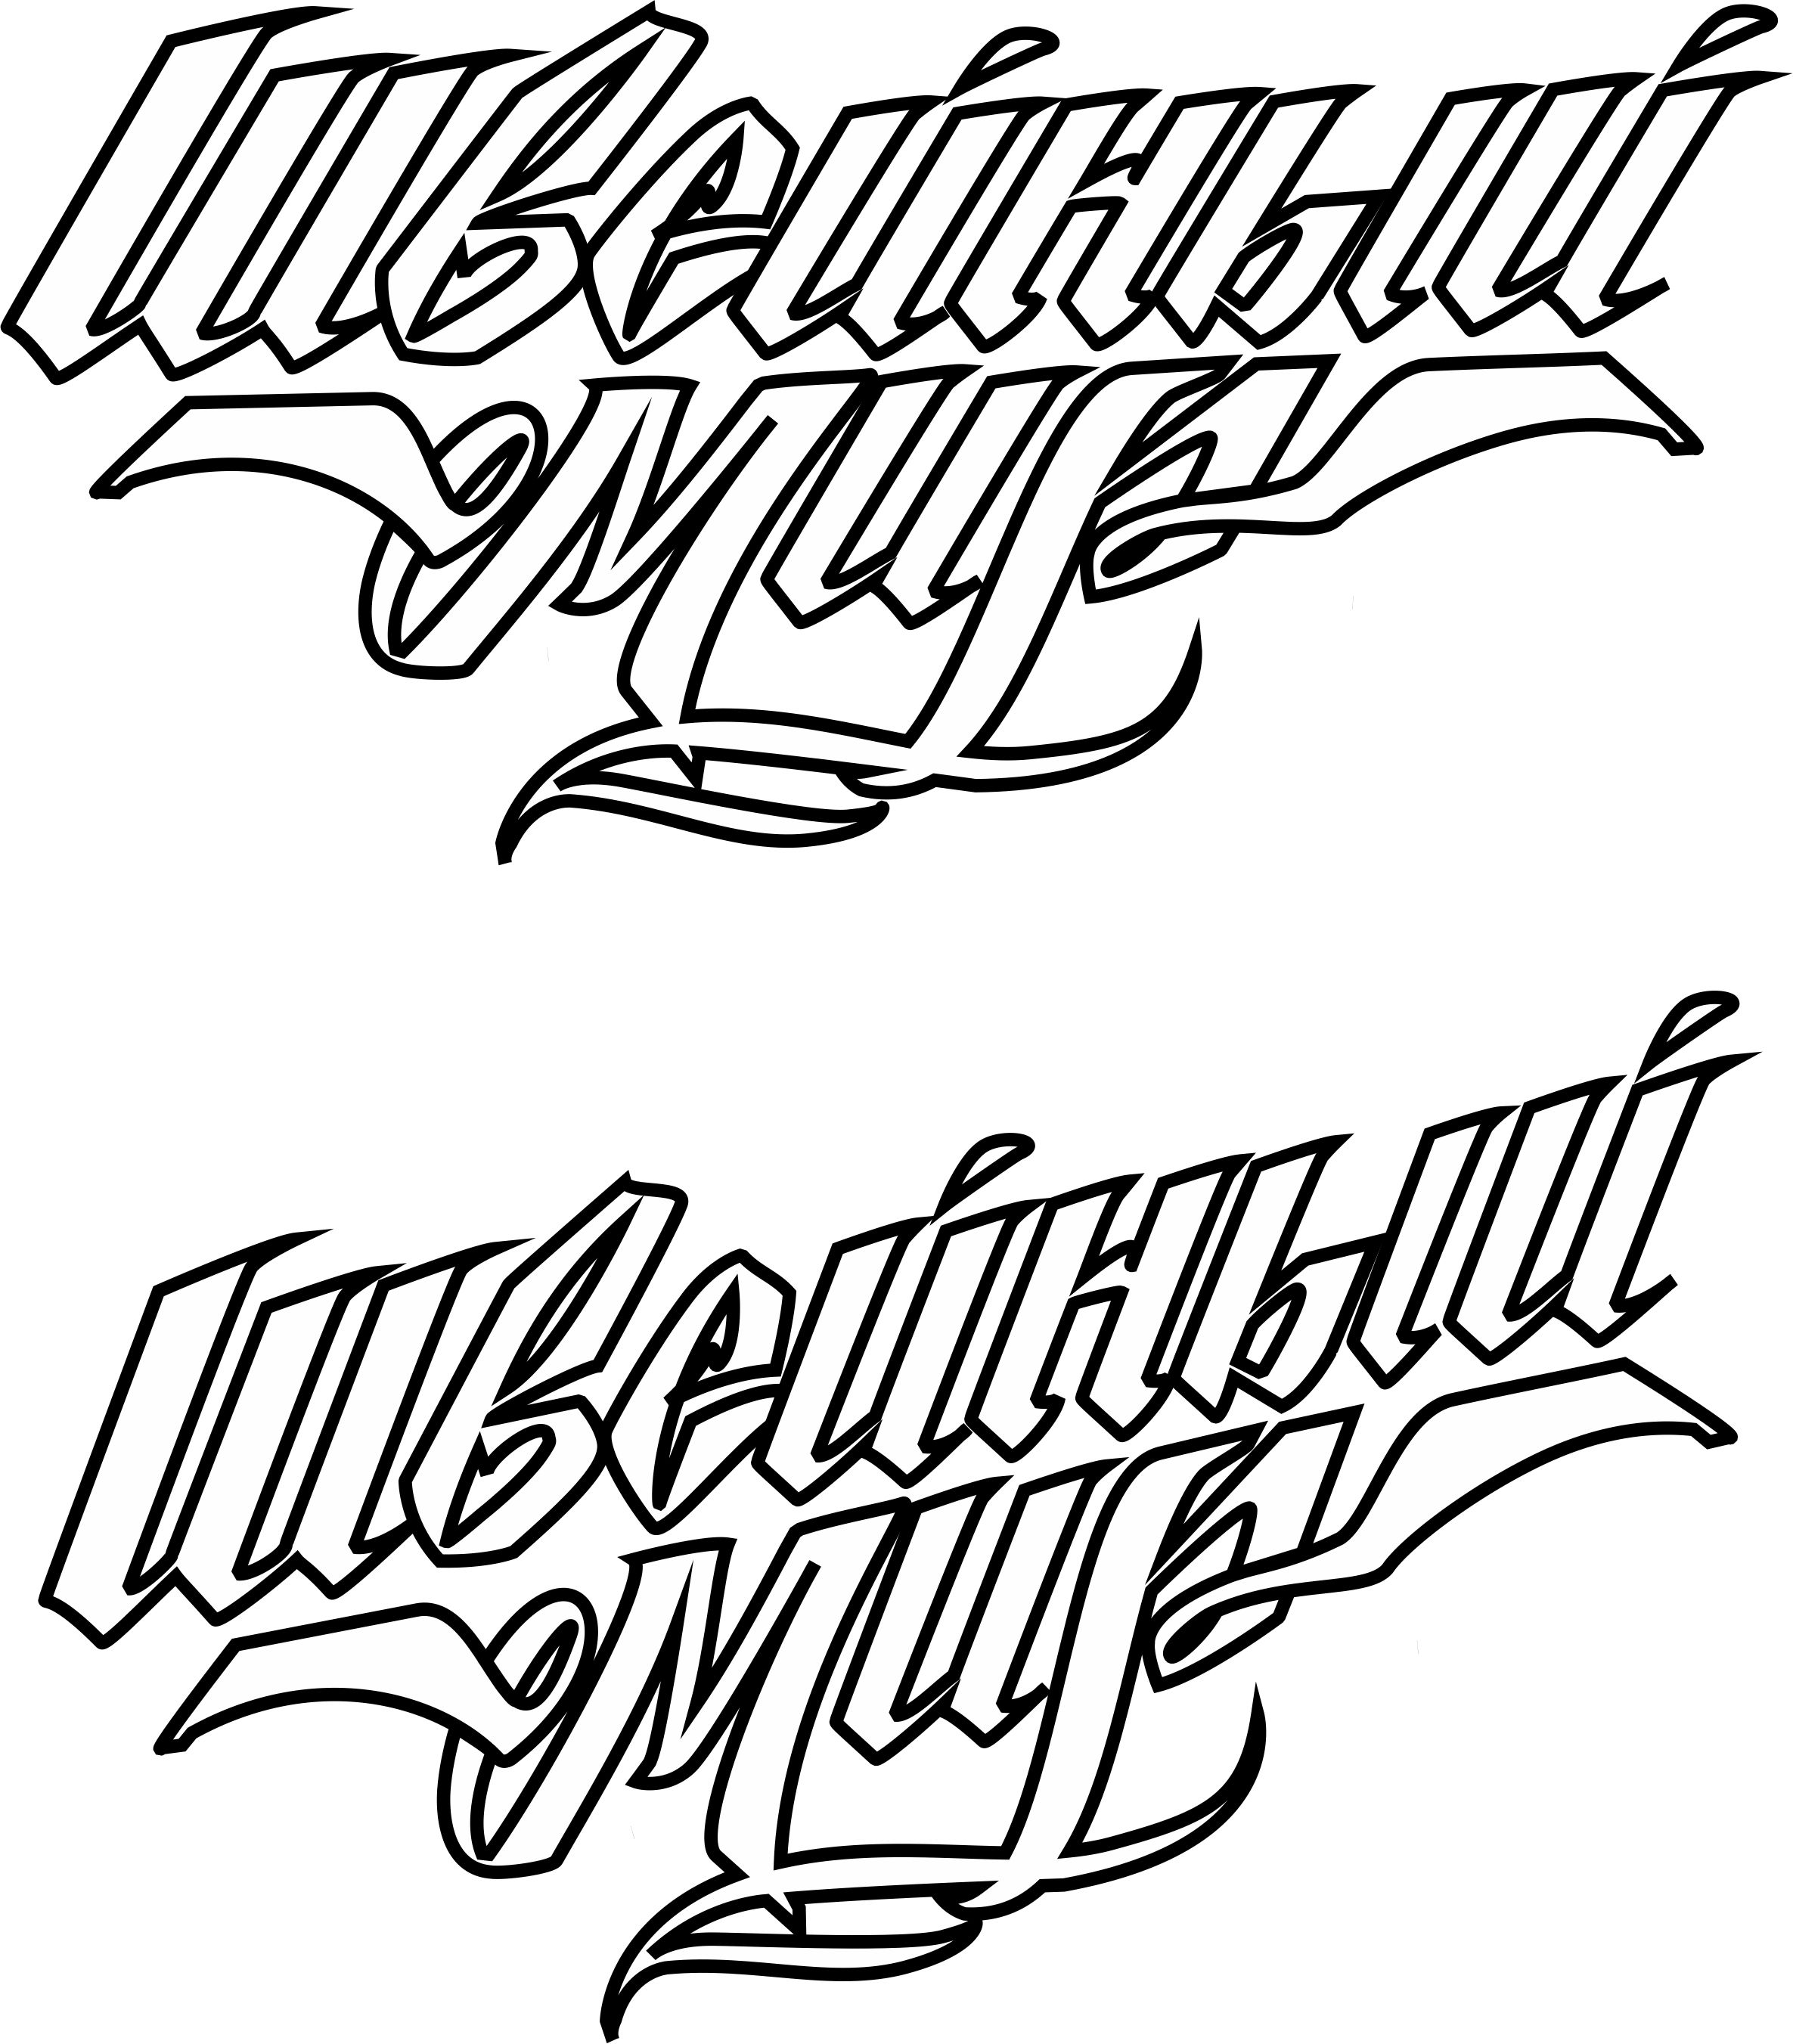 Логотип для ООО Швейный мир - дизайнер Asteroid74